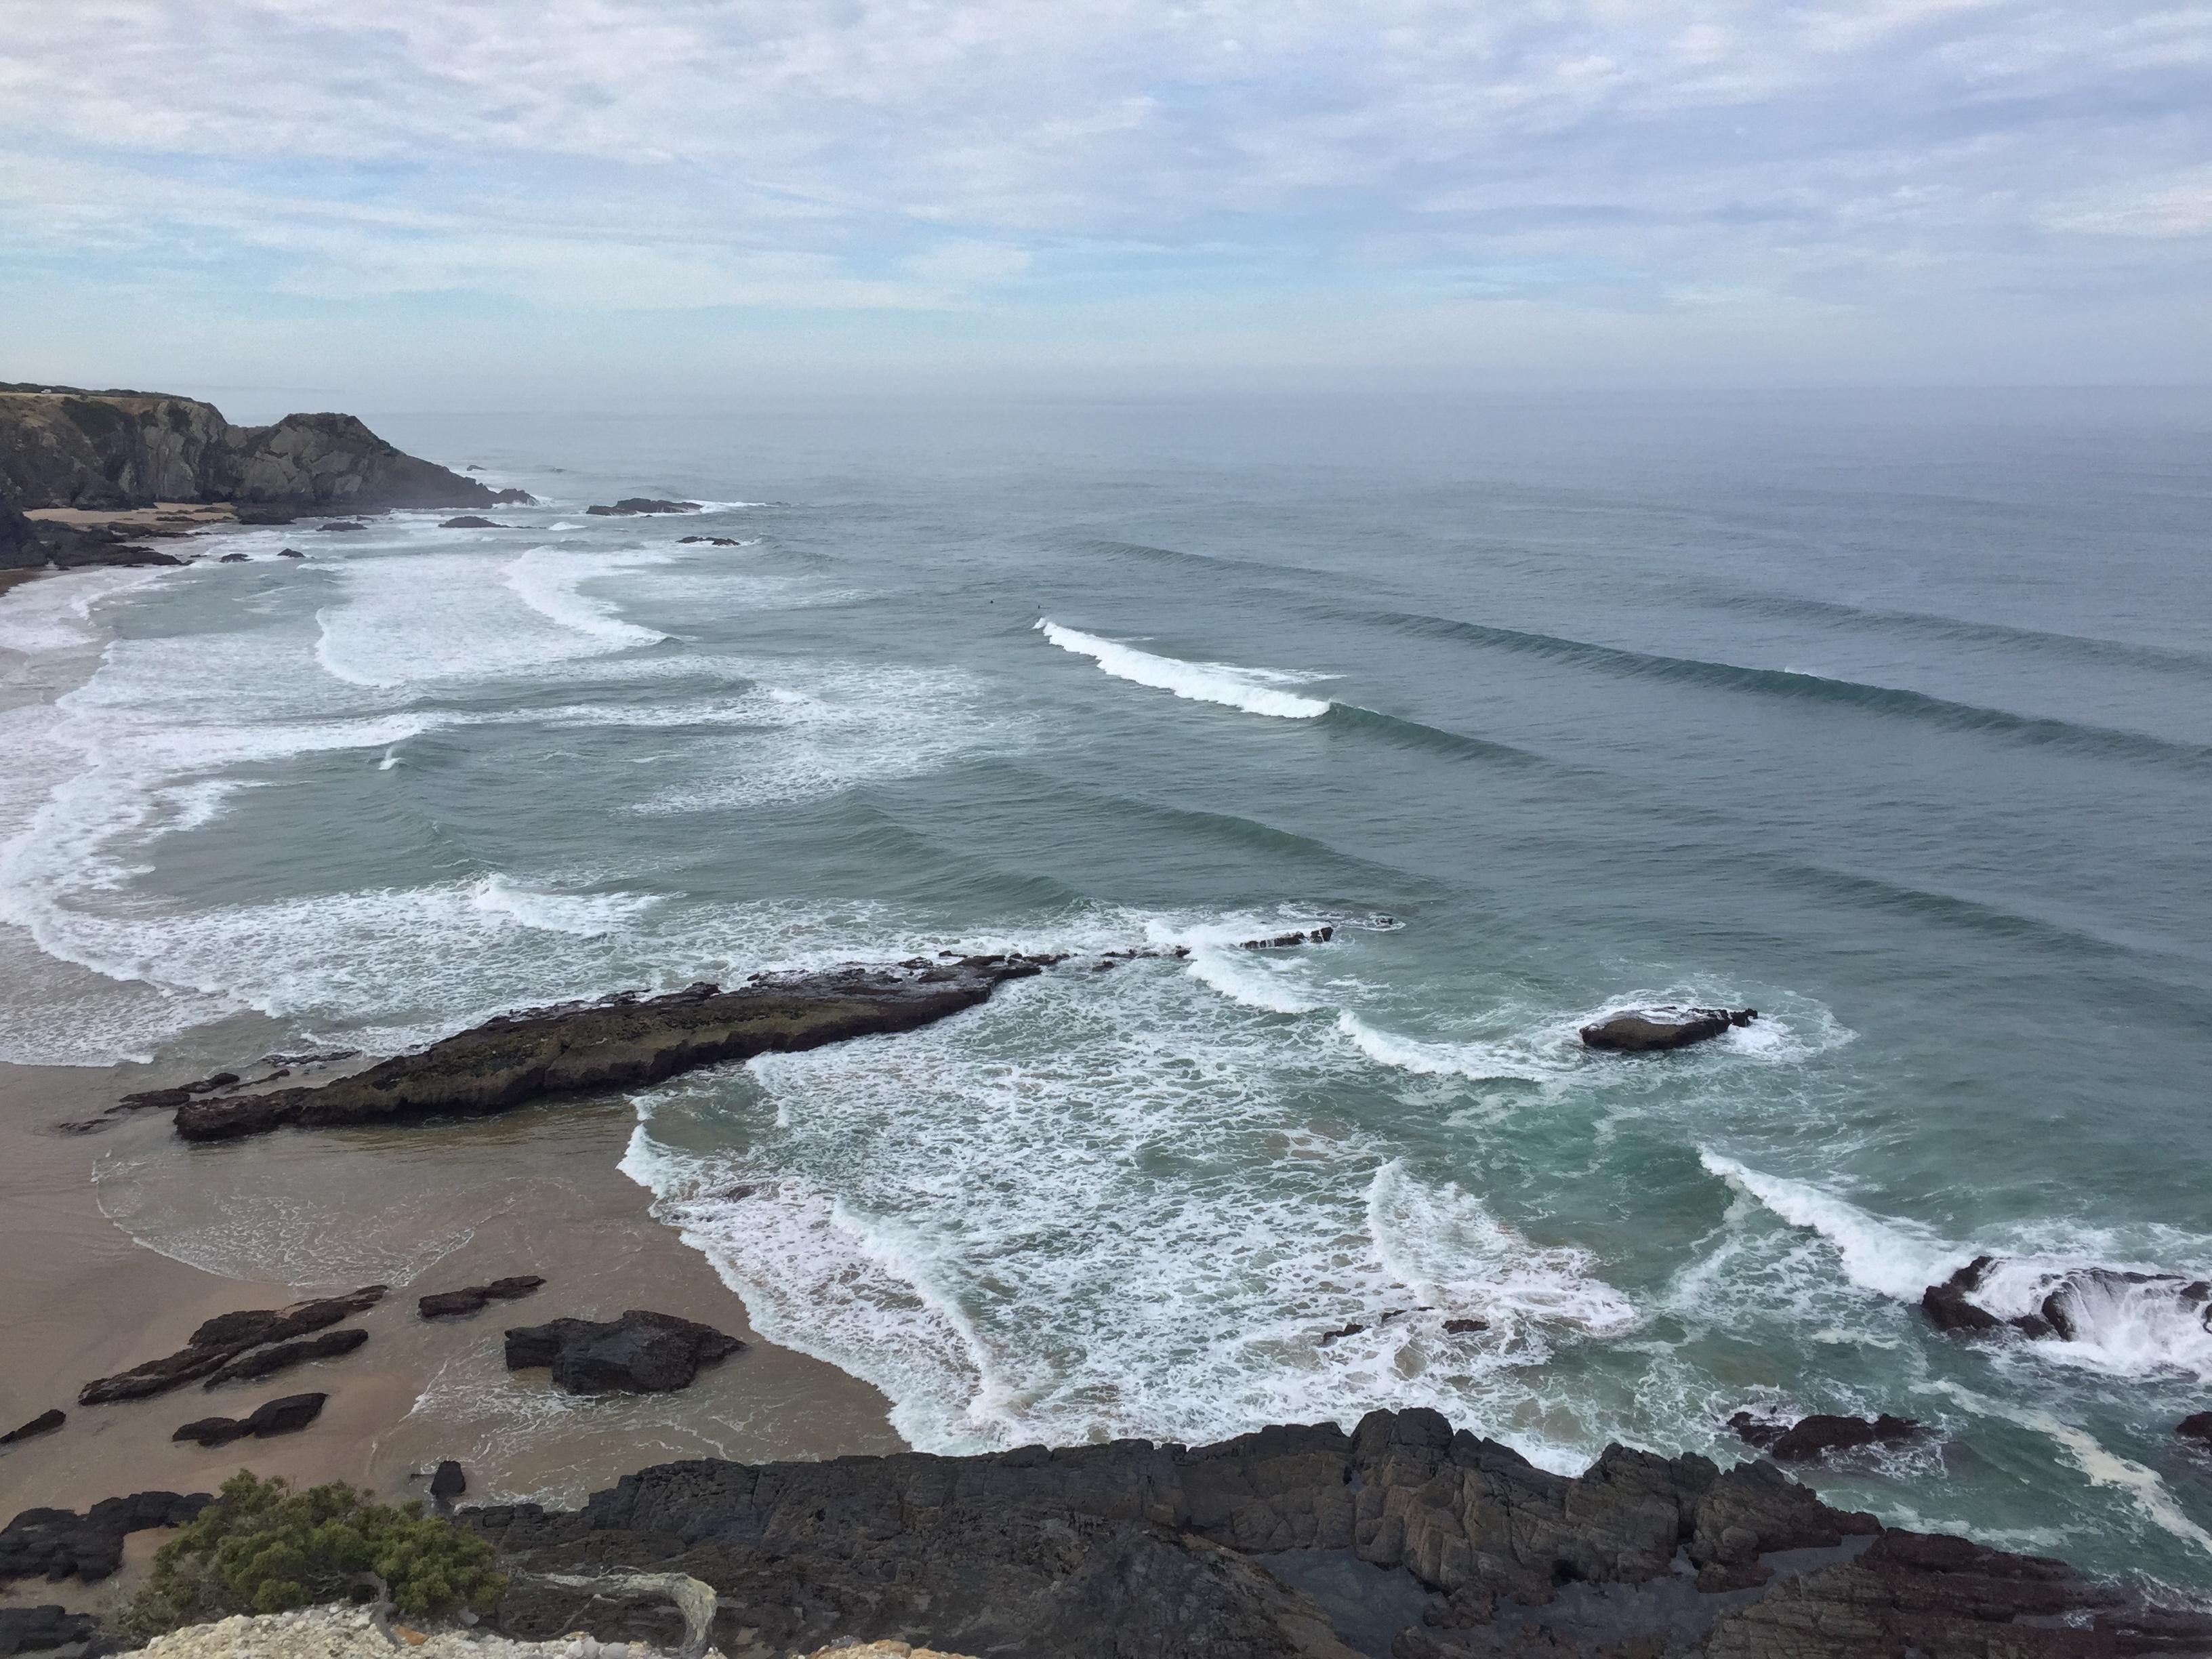 Odeceixe, Portugal, Best surf spots Europe